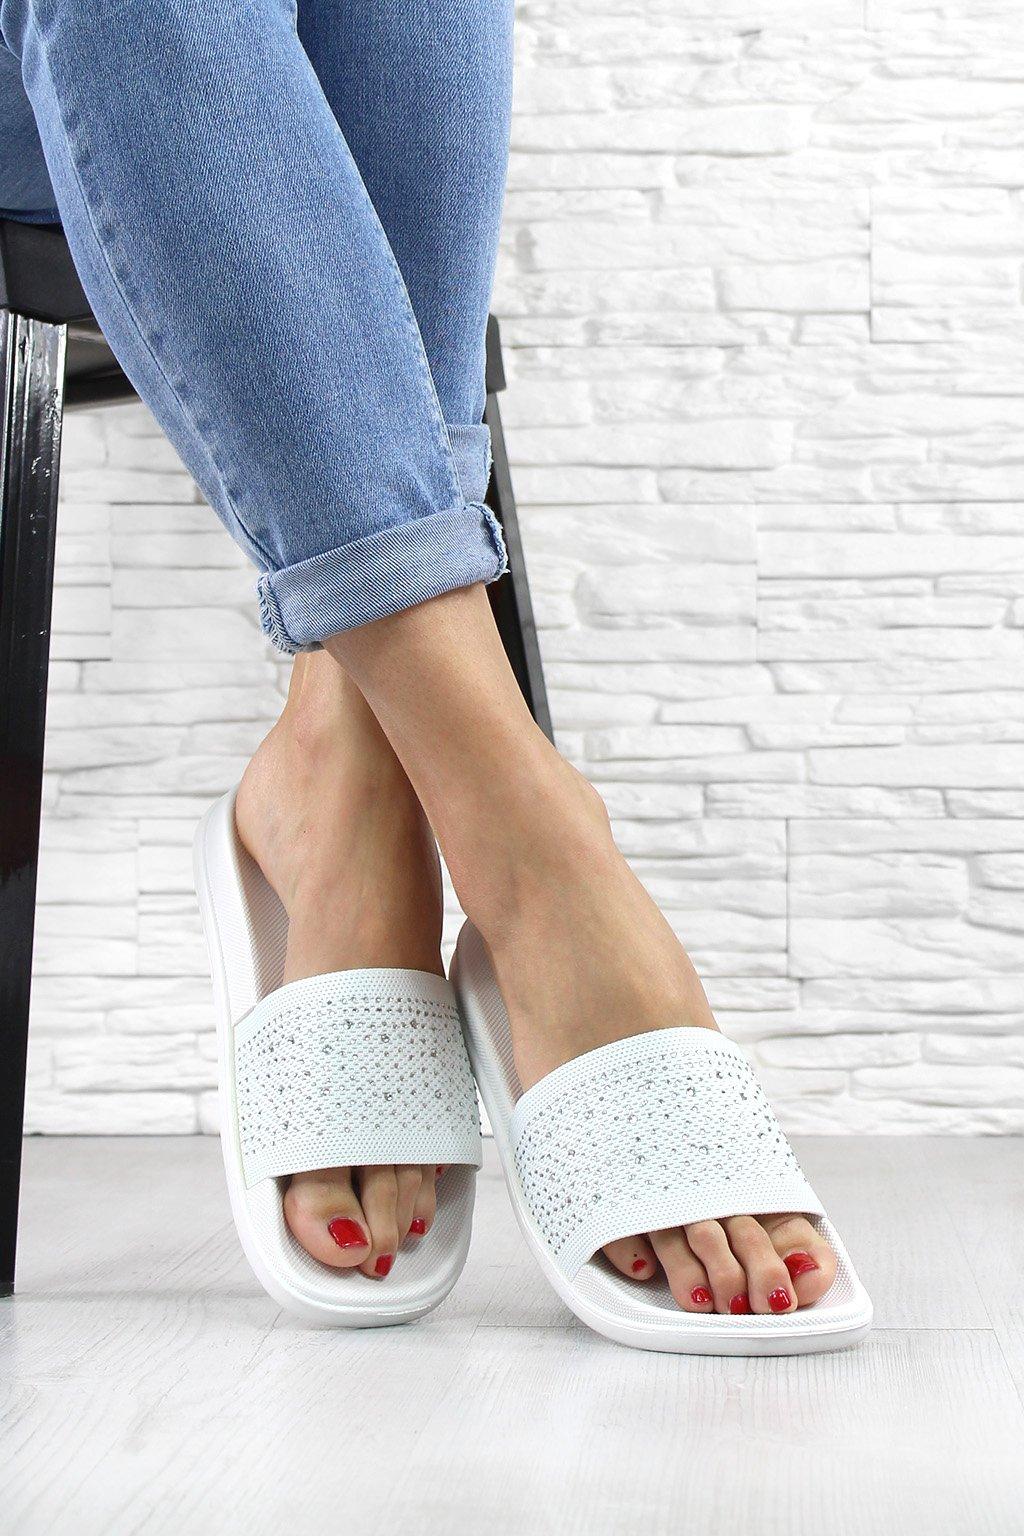 Pantofle s kamínky 5021WH (1)